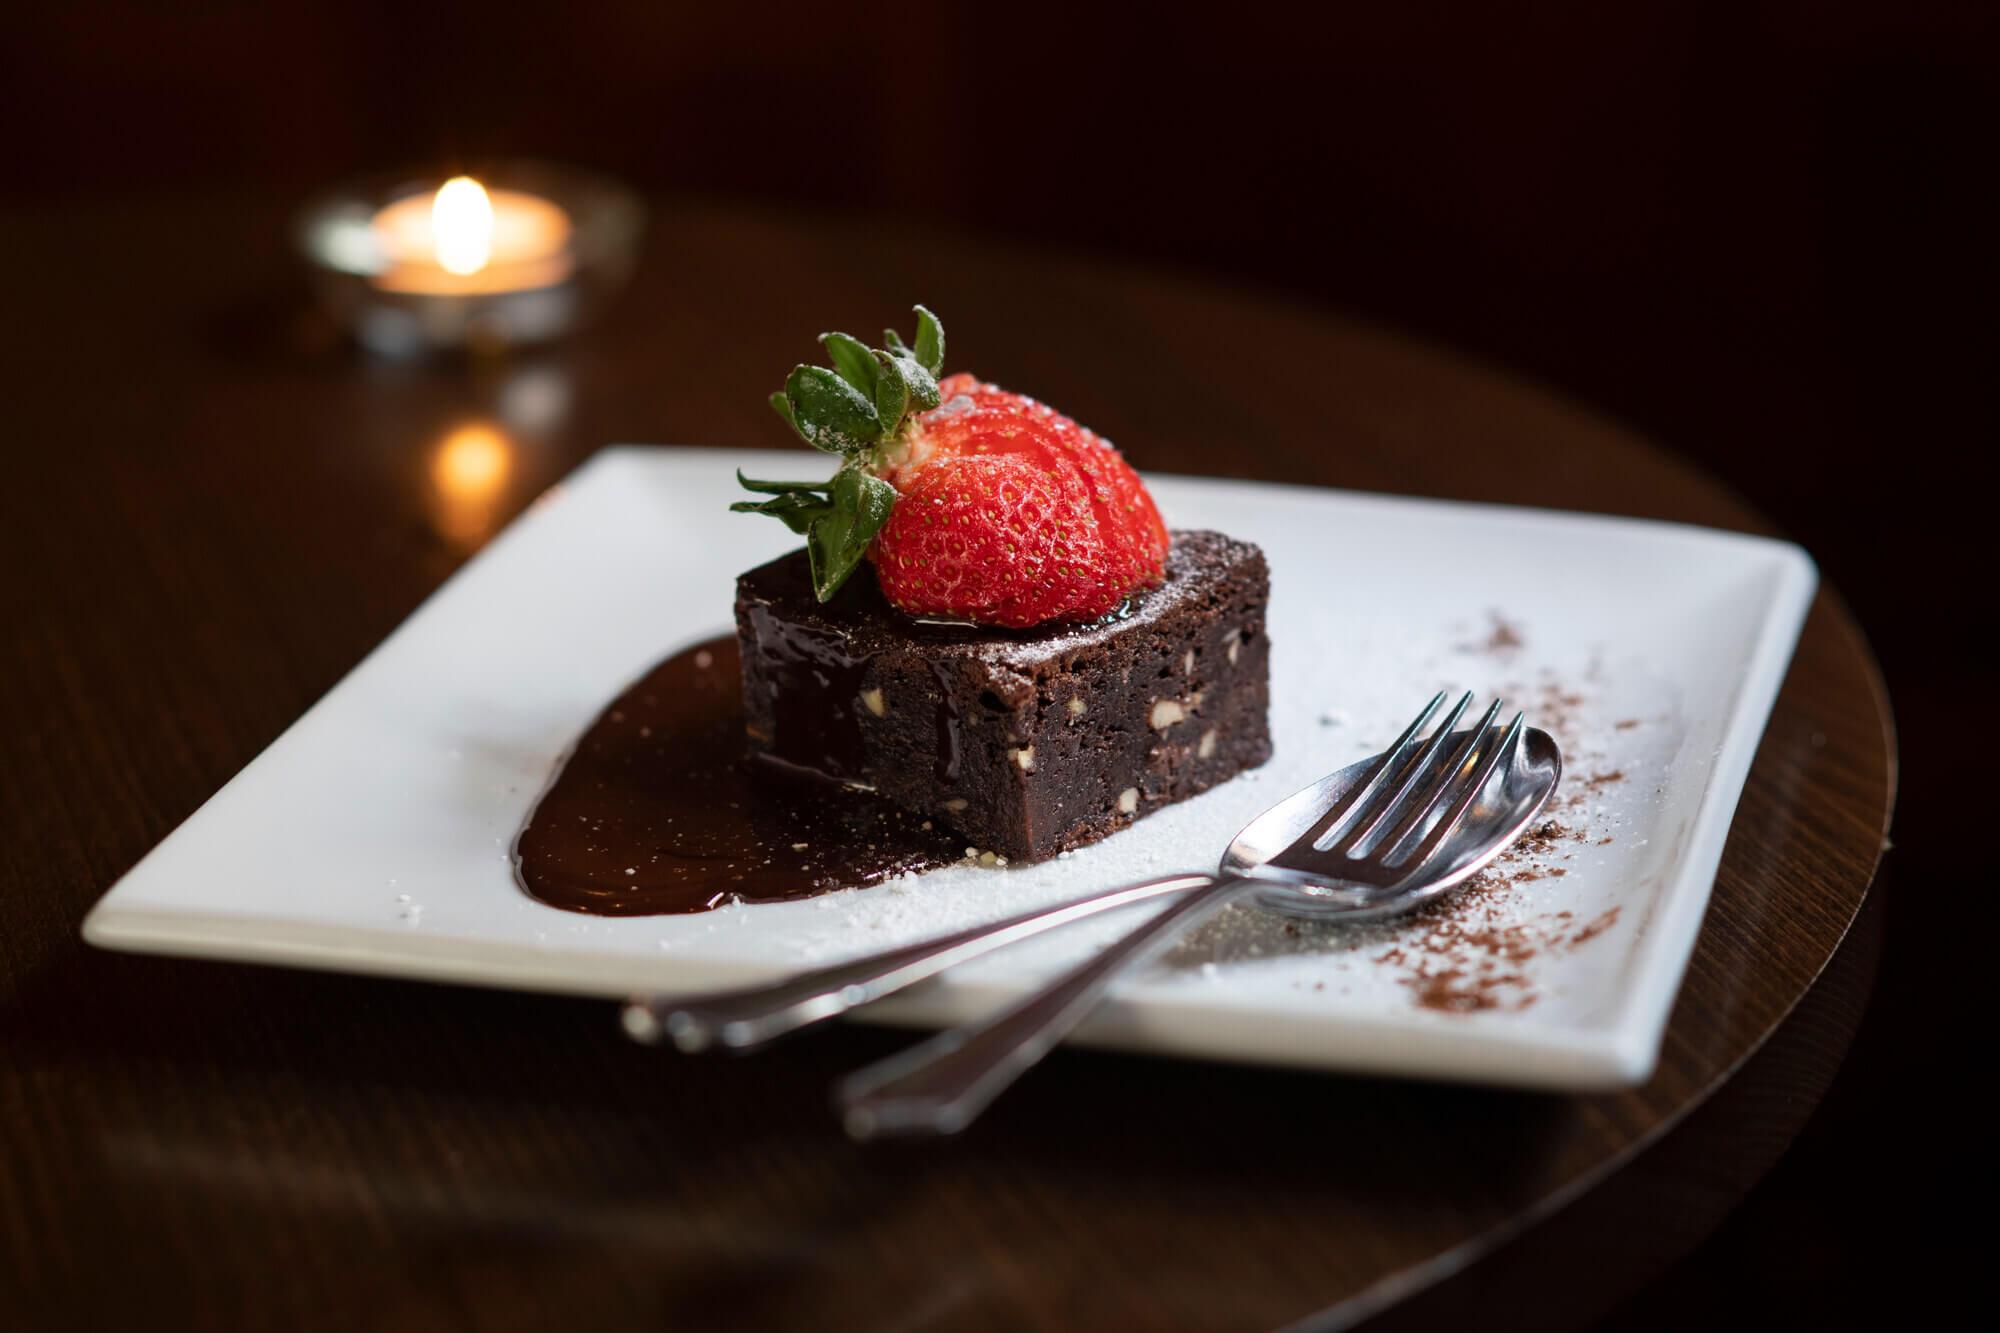 Chocolate & Hazelnut Brownie, chocolate sauce